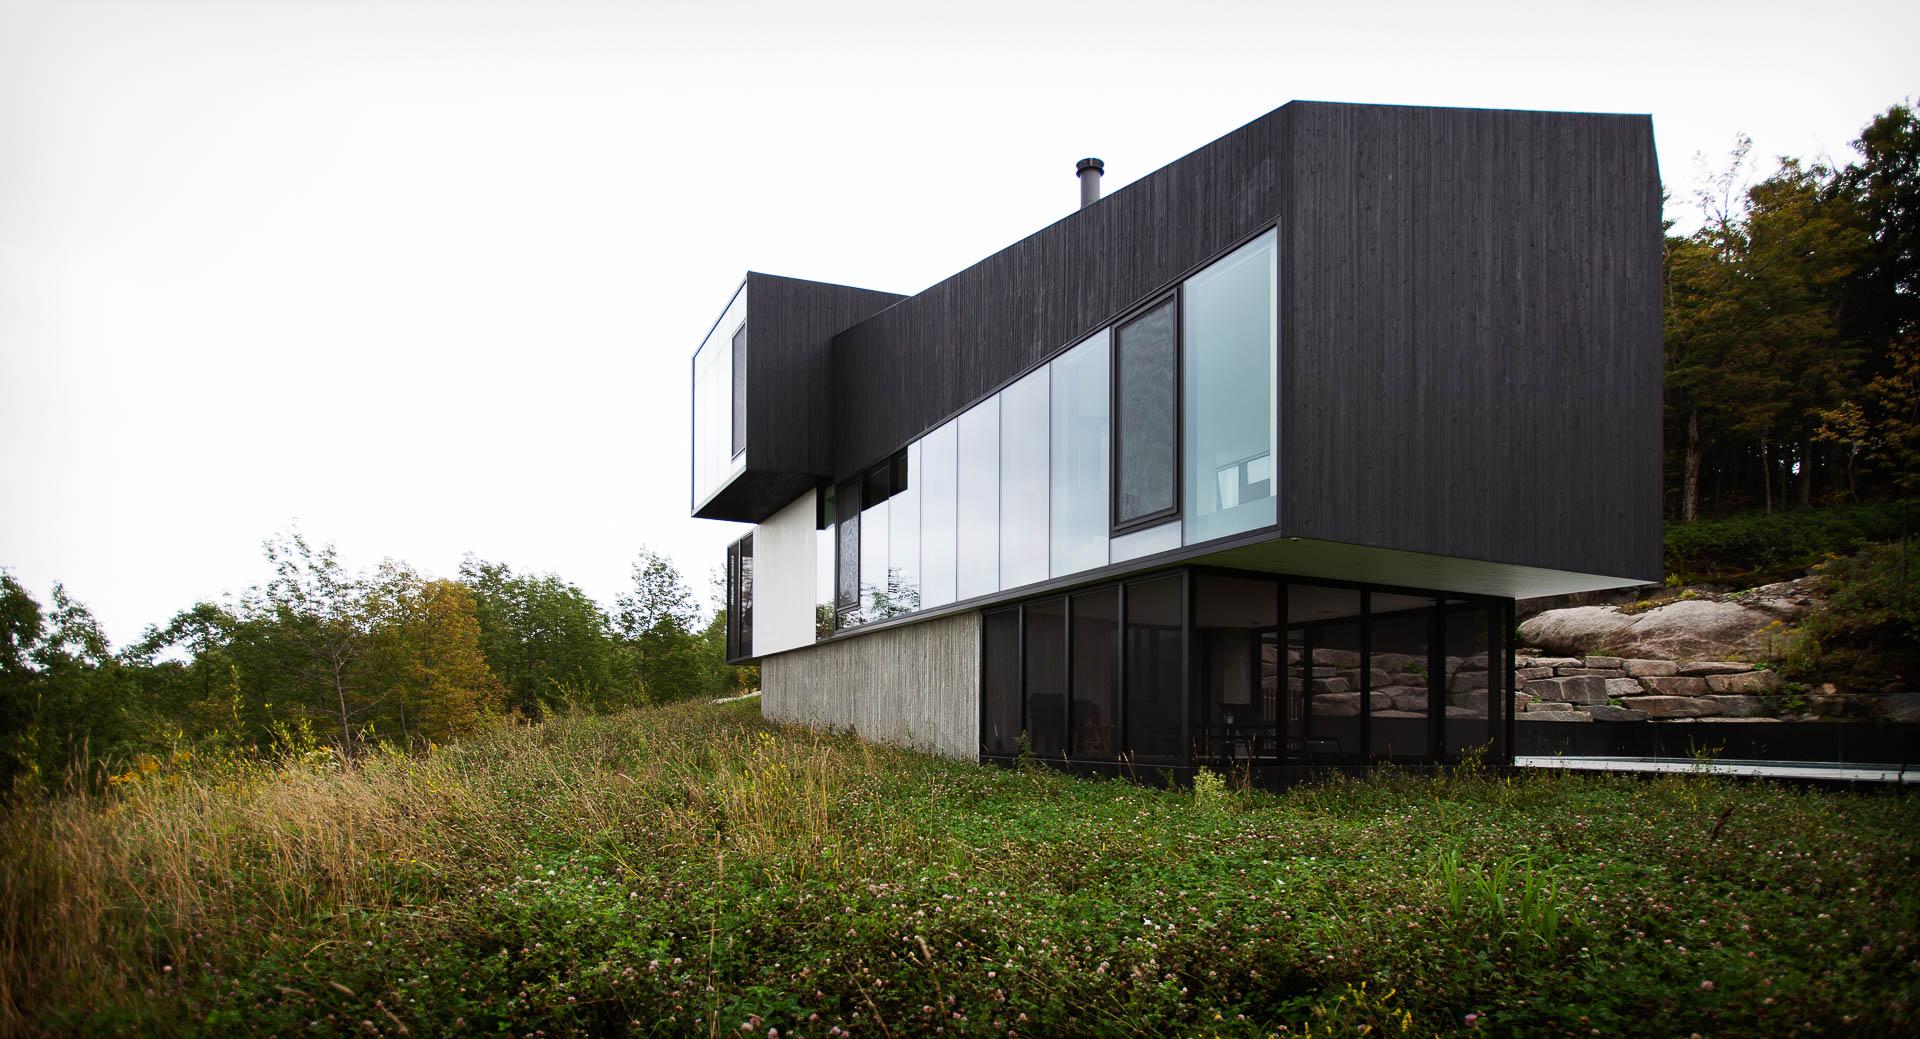 Projet architectural conçu par Saucier + Perrotte Architecte et réalisé par Constructions Boivin